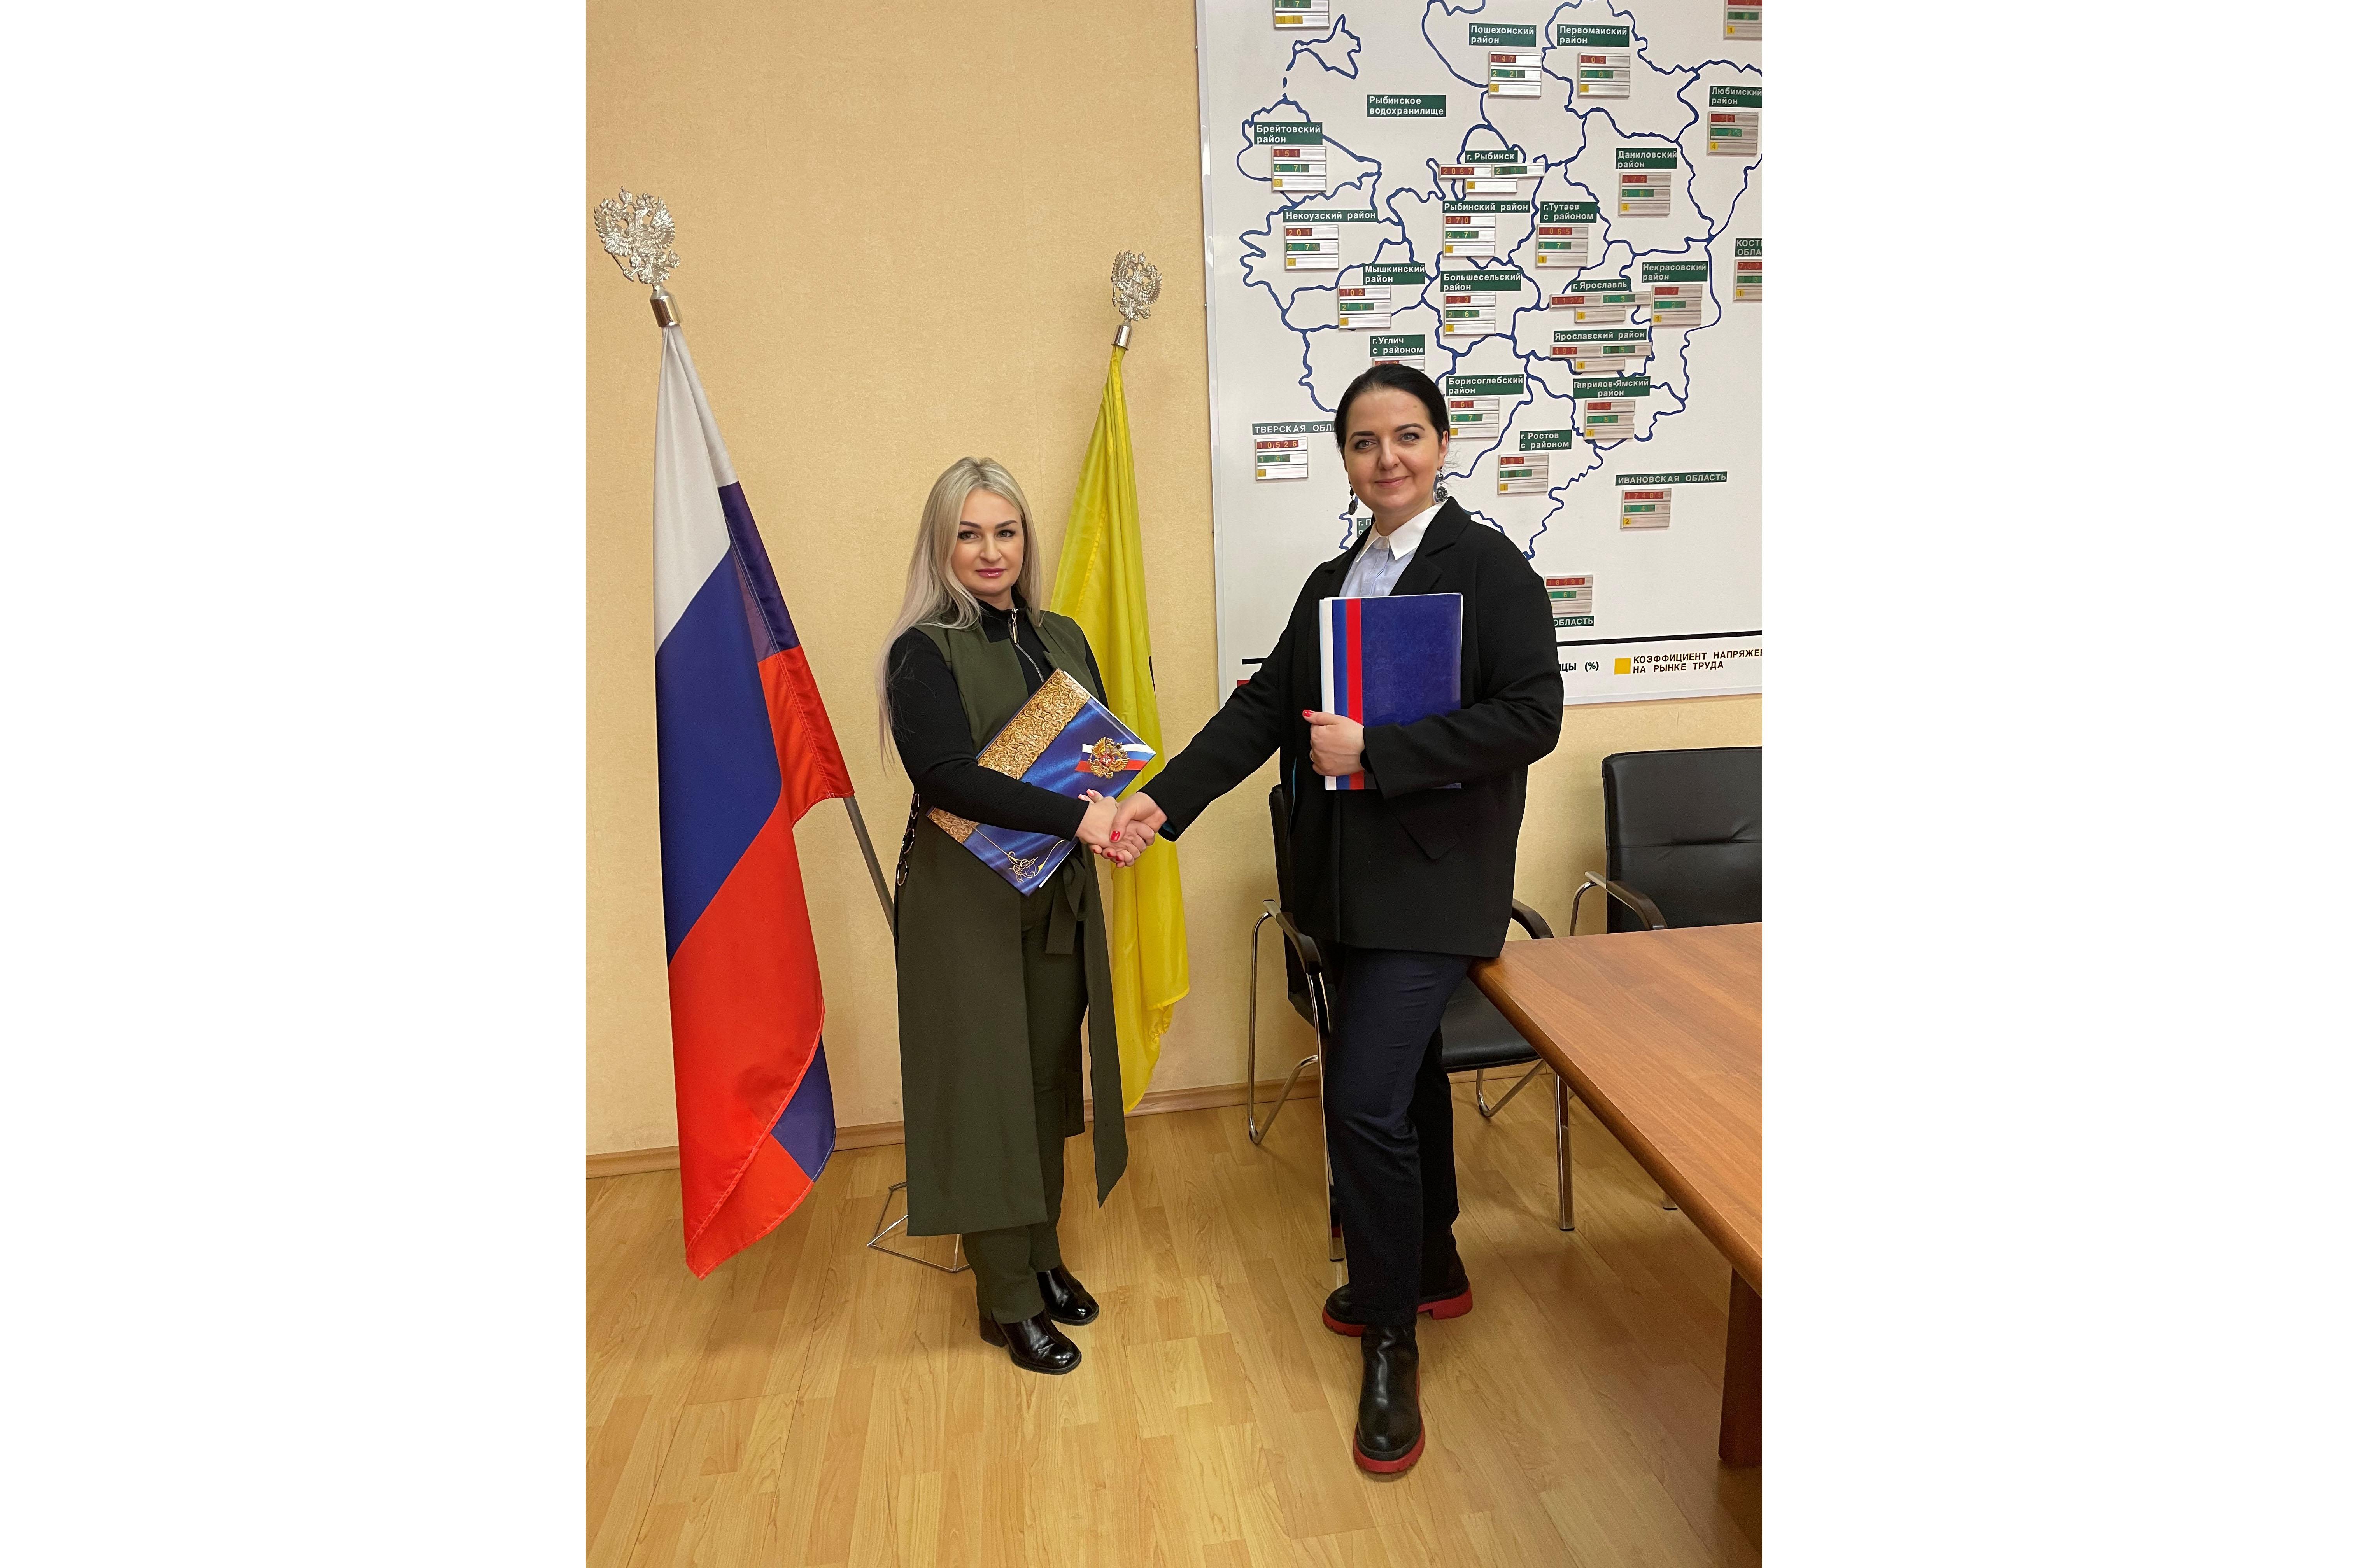 Департамент государственной службы занятости населения Ярославской области будет сотрудничать с hh.ru